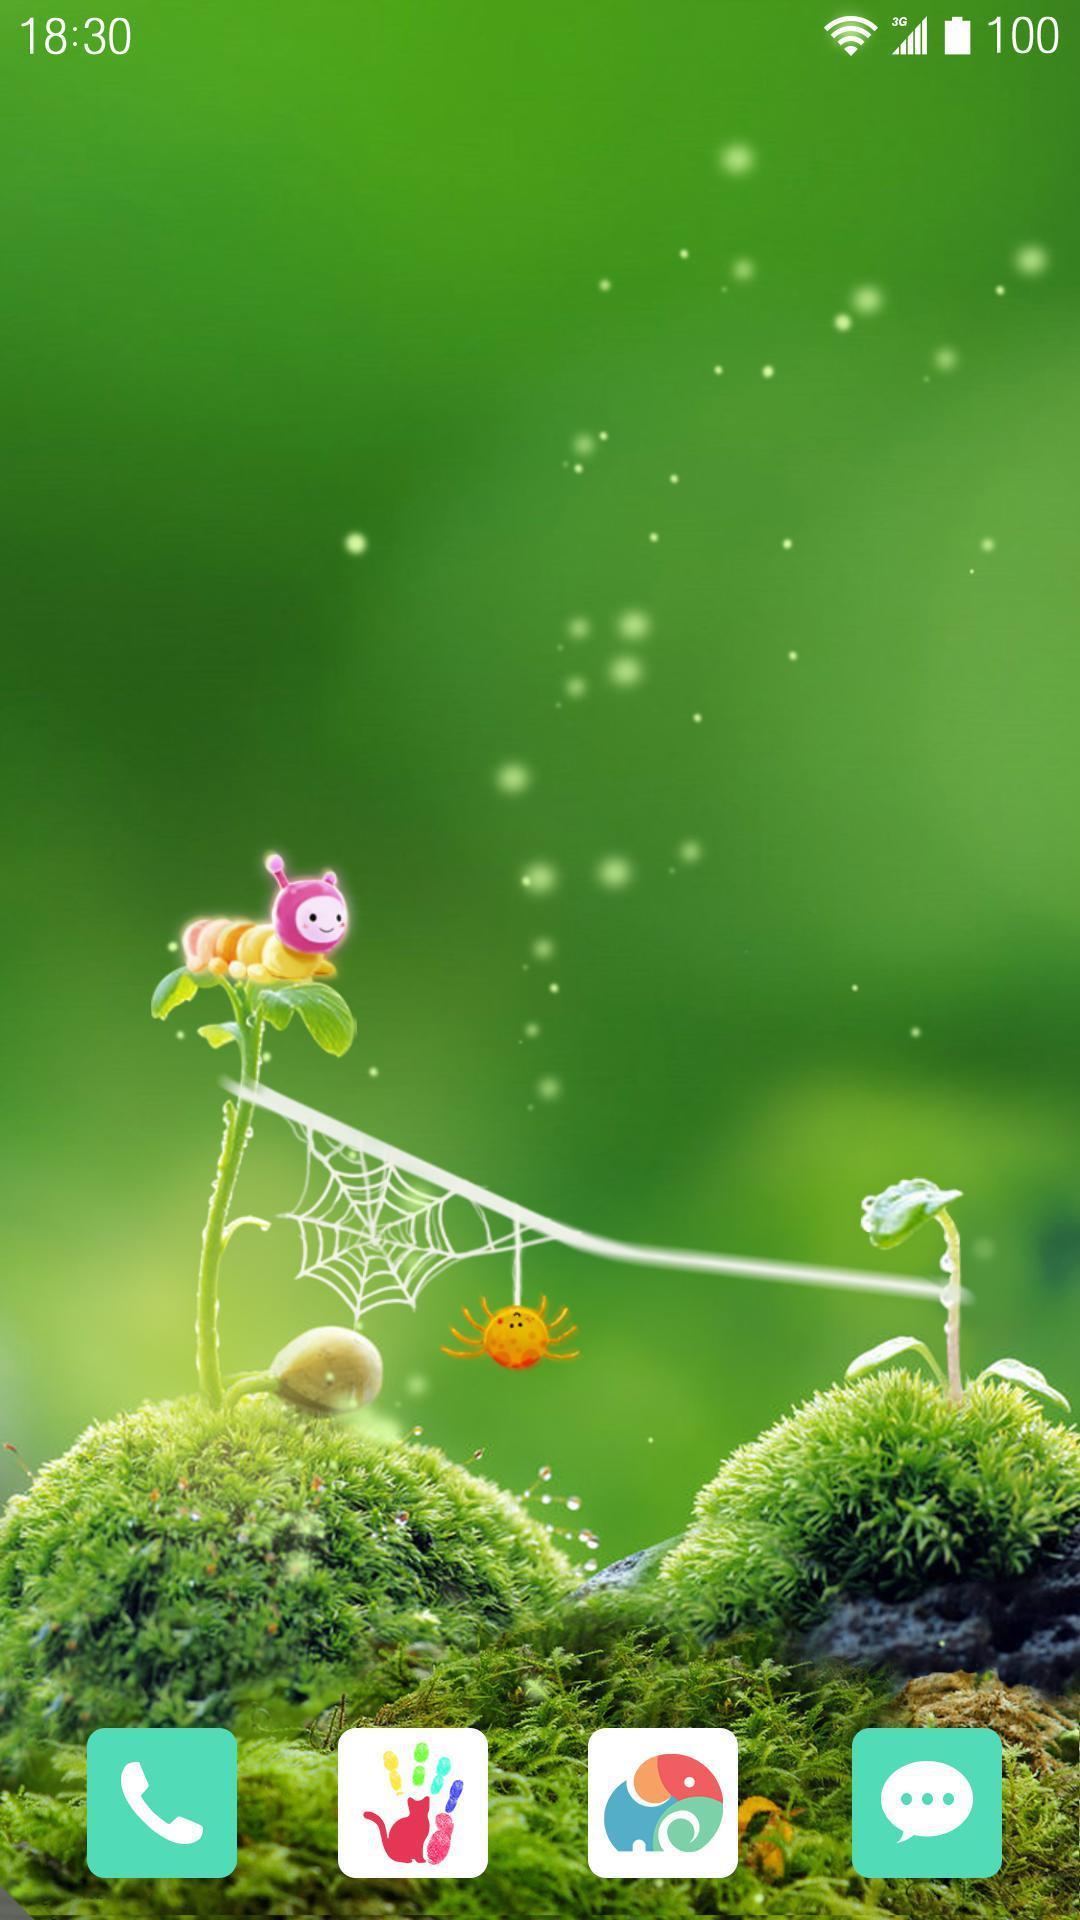 可爱小世界-梦象动态壁纸